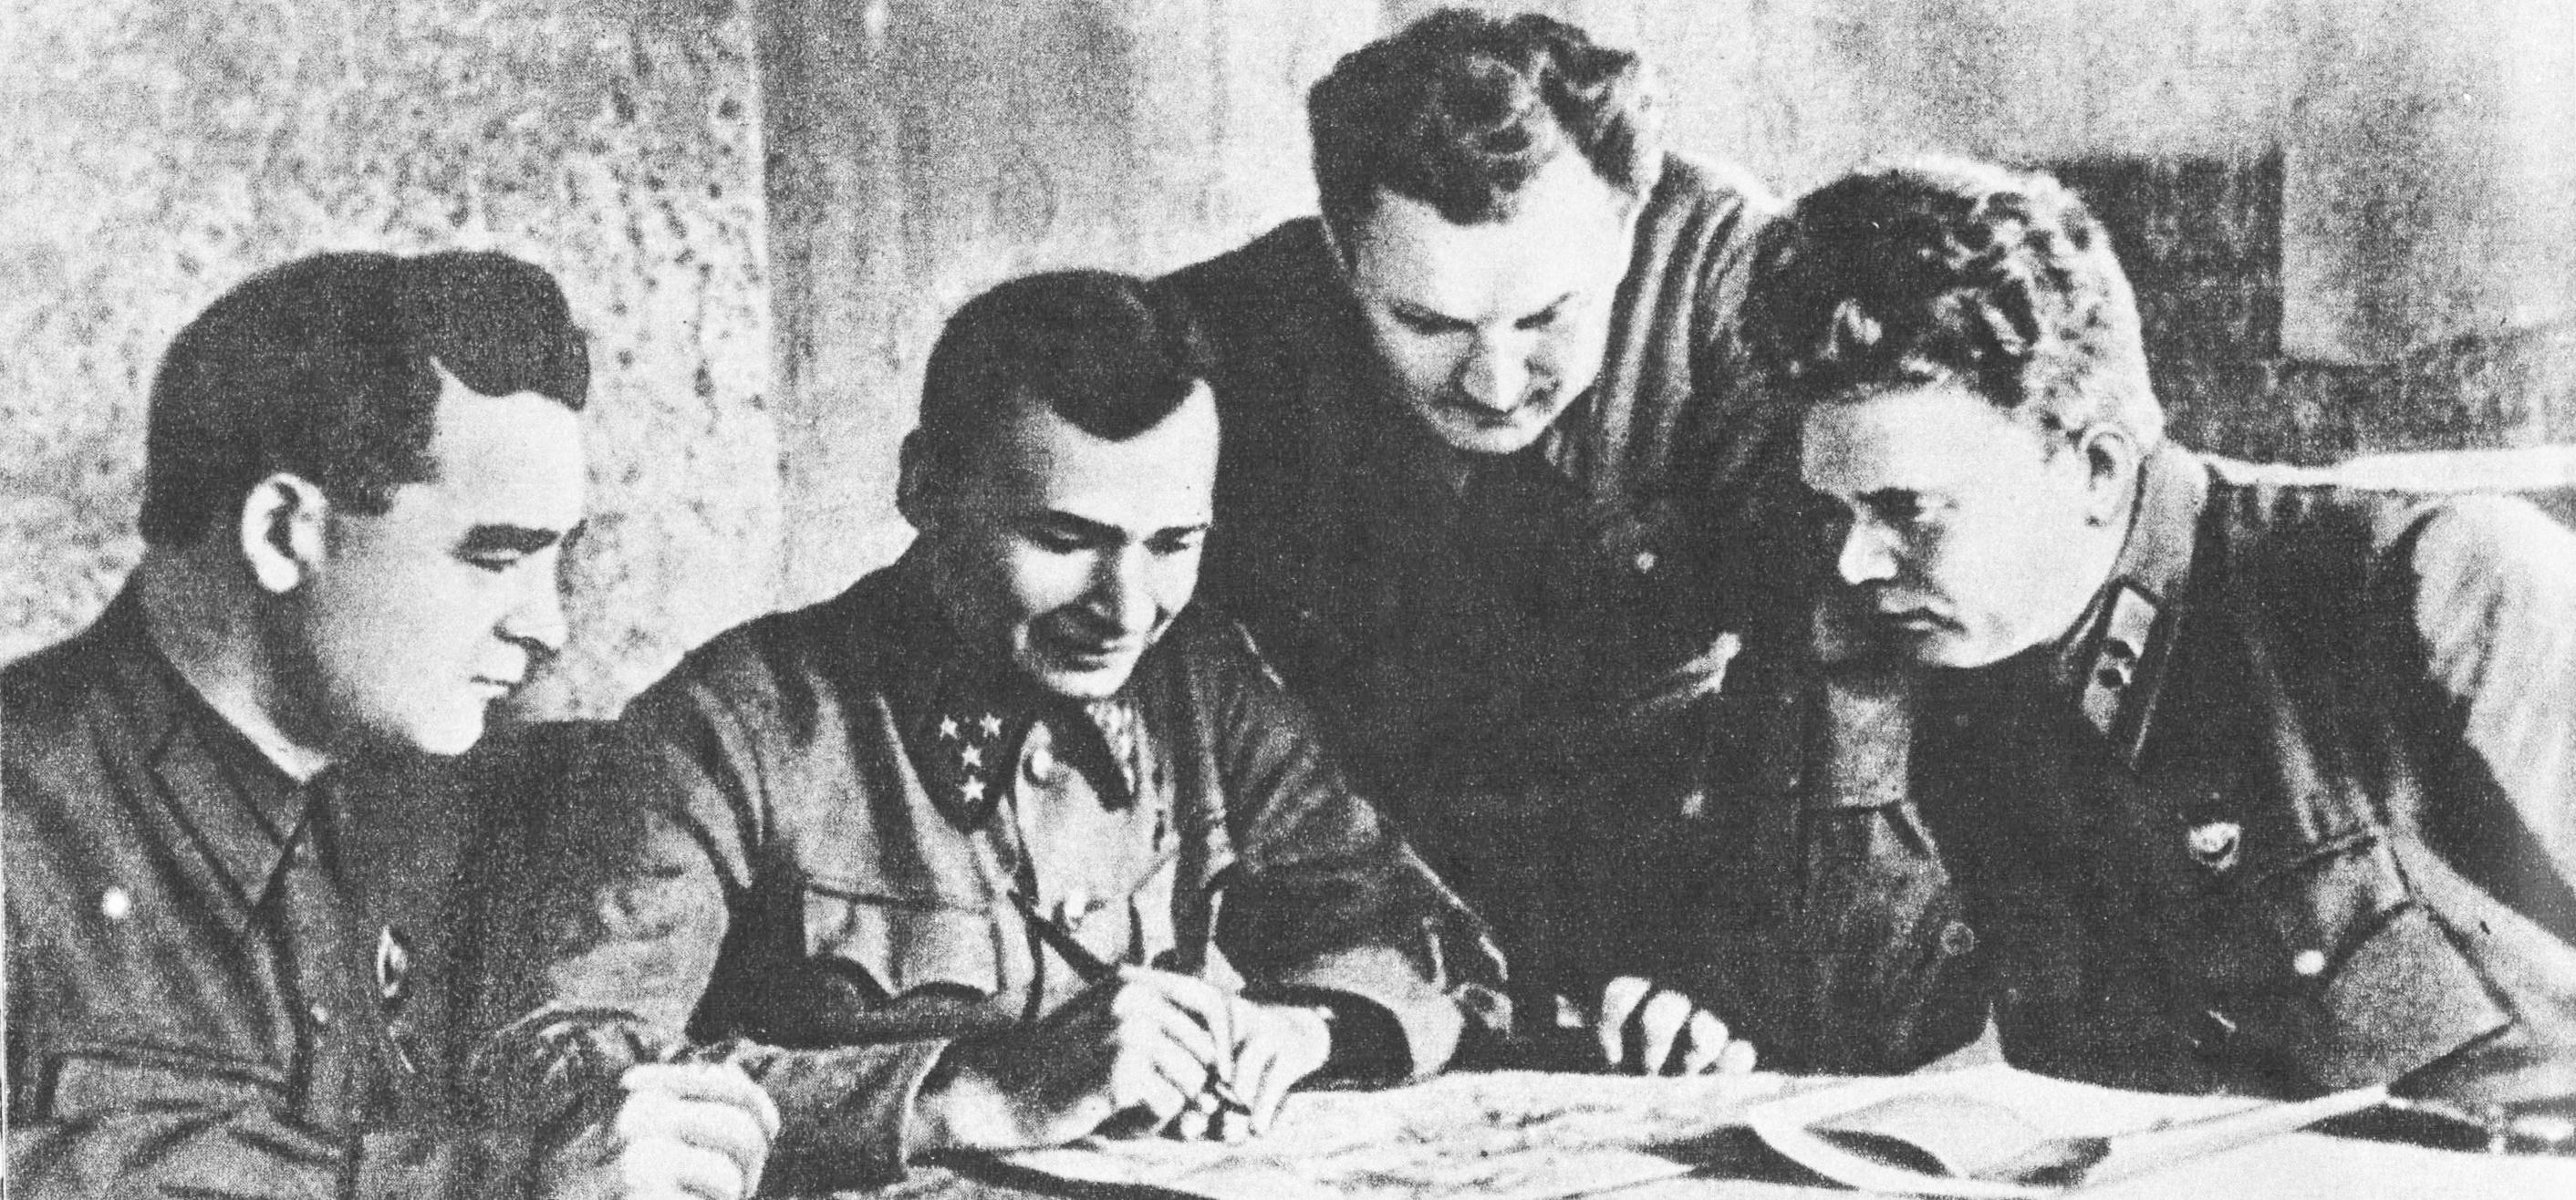 Вся правда о Второй мировой войне, которую скрывает Кремль